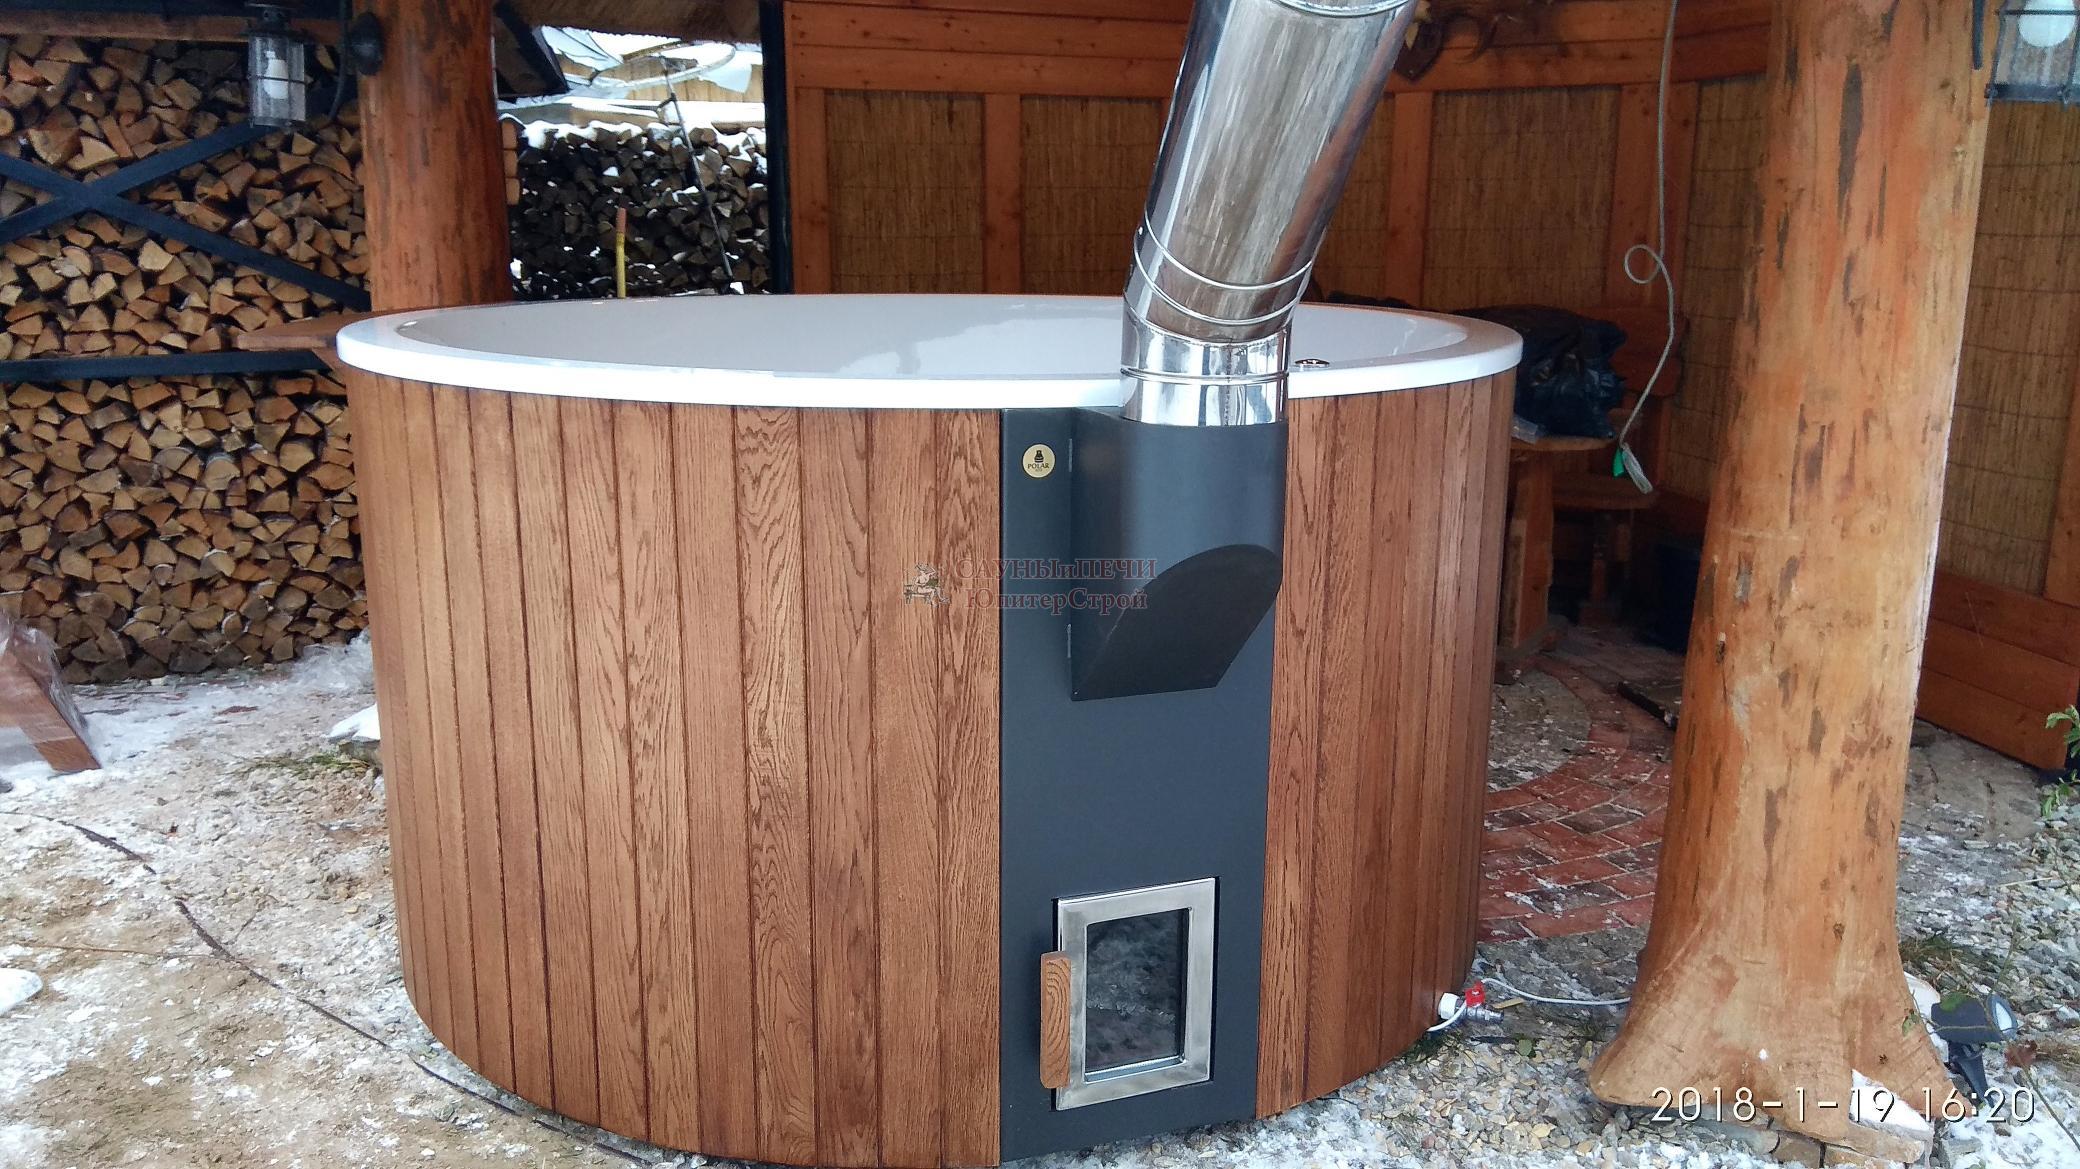 Купель композитная элит 220 х 110 см, дуб,с внешней печью из нержавеющей стали, kfe220d